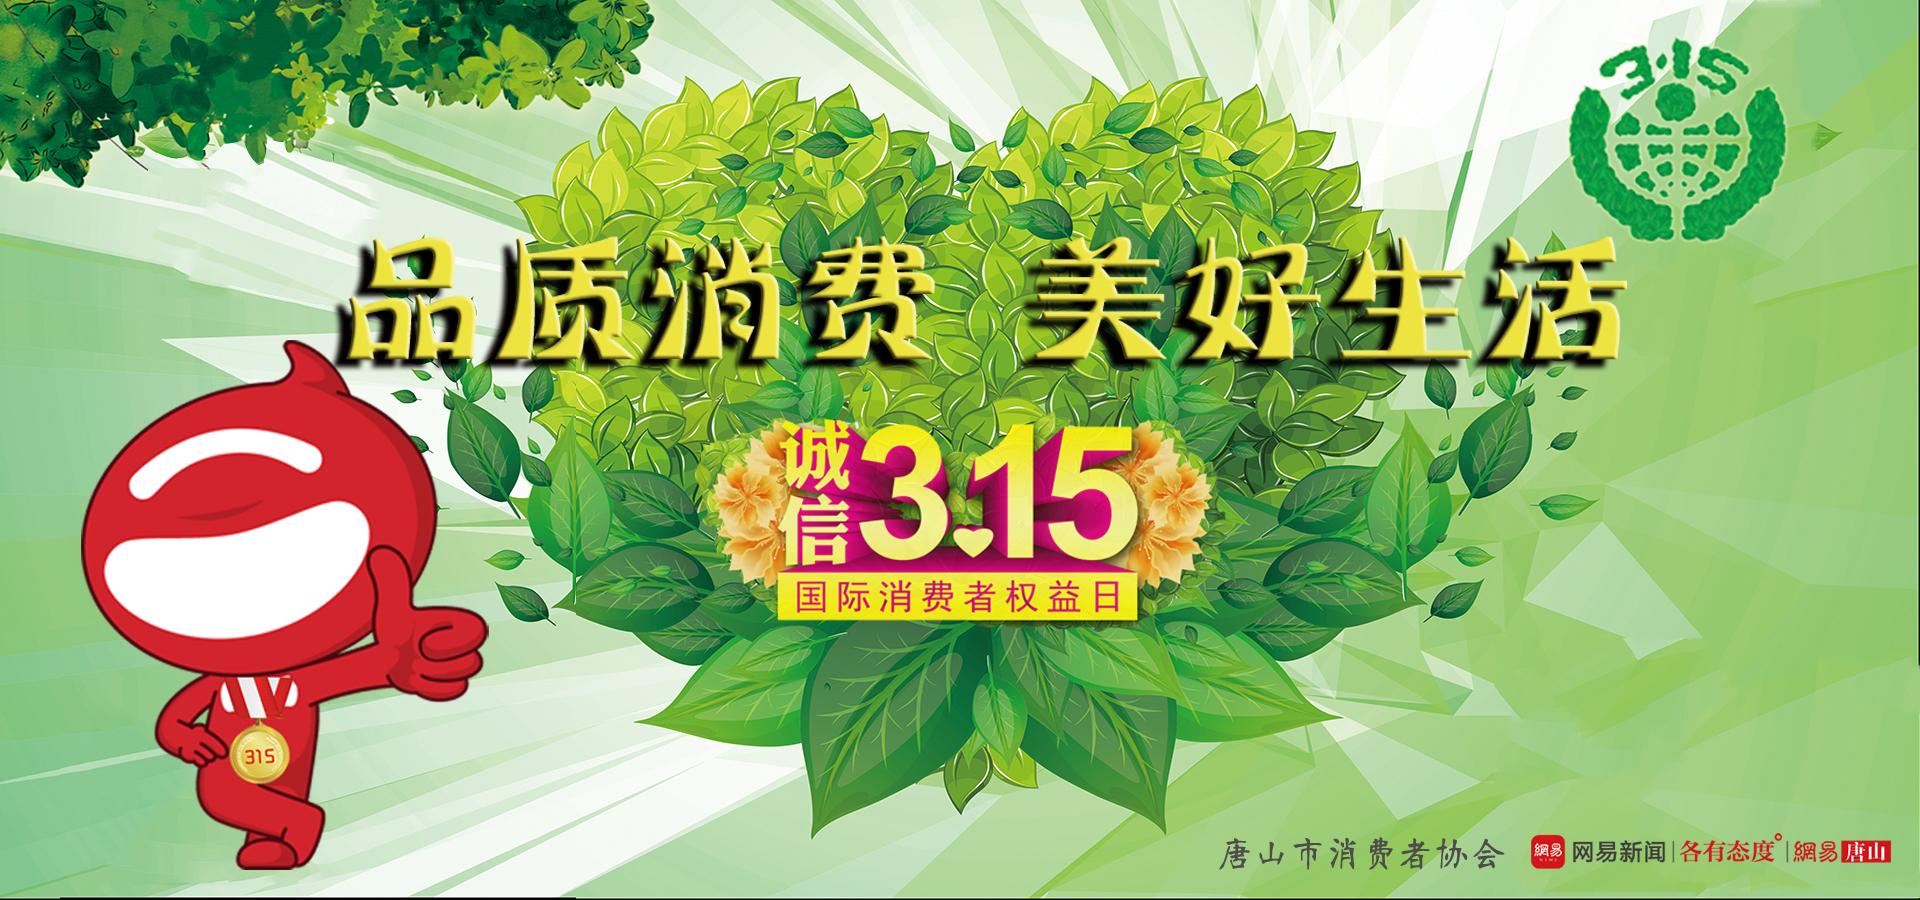 """3.15 关注""""品质消费"""" 创造""""美好生活"""""""